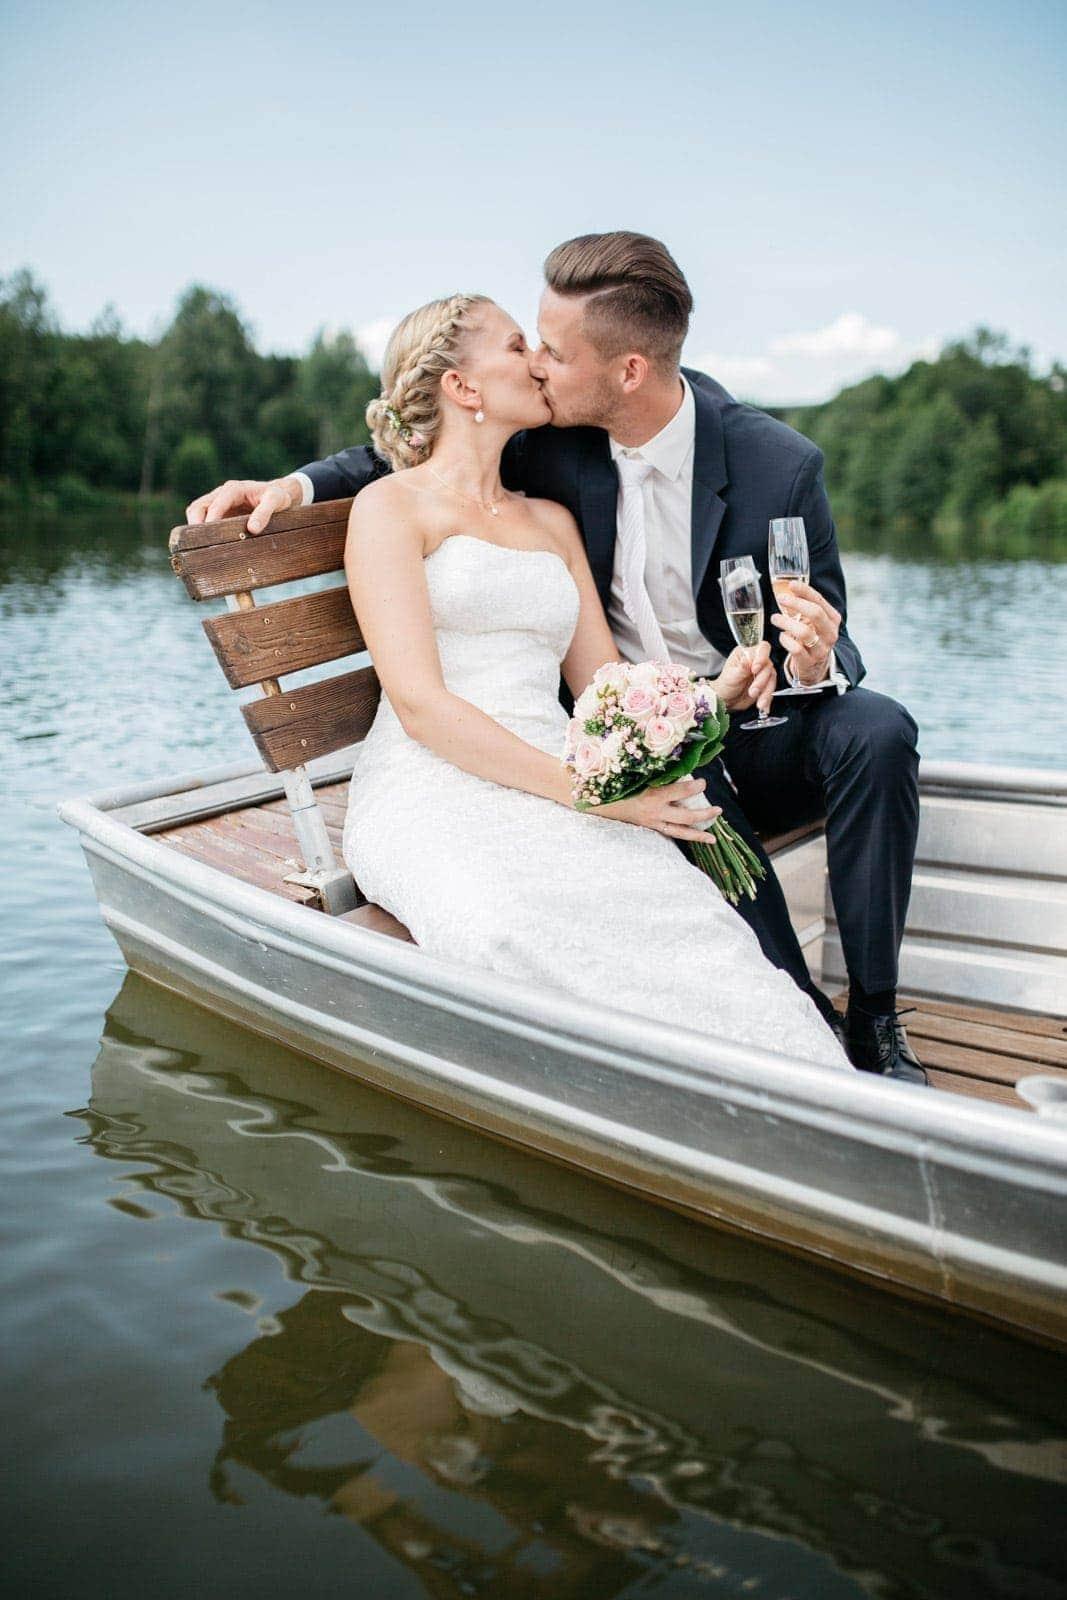 Hochzeitsfotos zu Wasser in Kell am See fotografiert von Kliewer Fotografie Trier